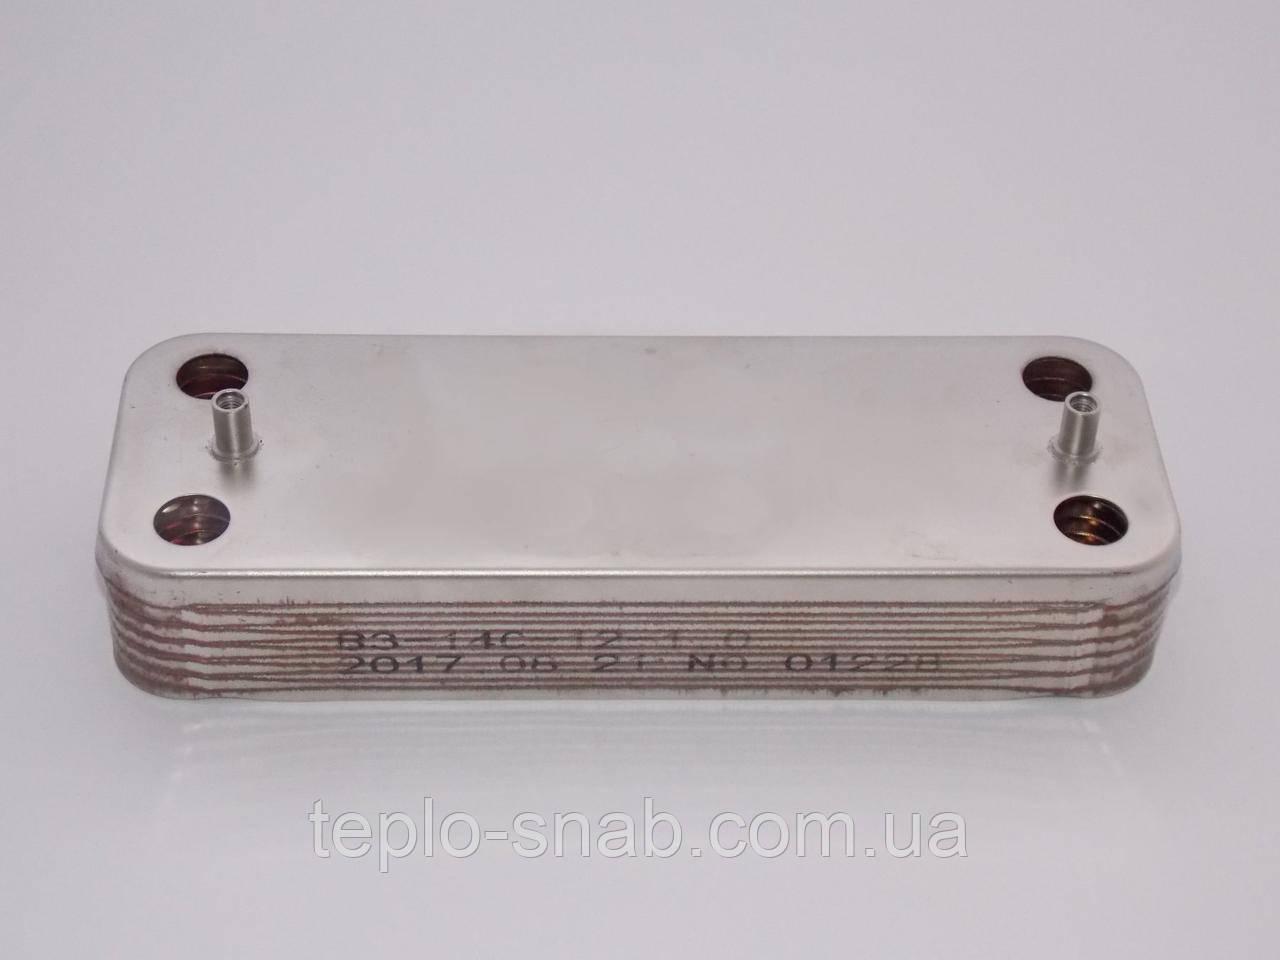 Вторинний теплообмінник Protherm Jaguar 11JTV, 24JTV 12 пл. 0020119605, 0020119606